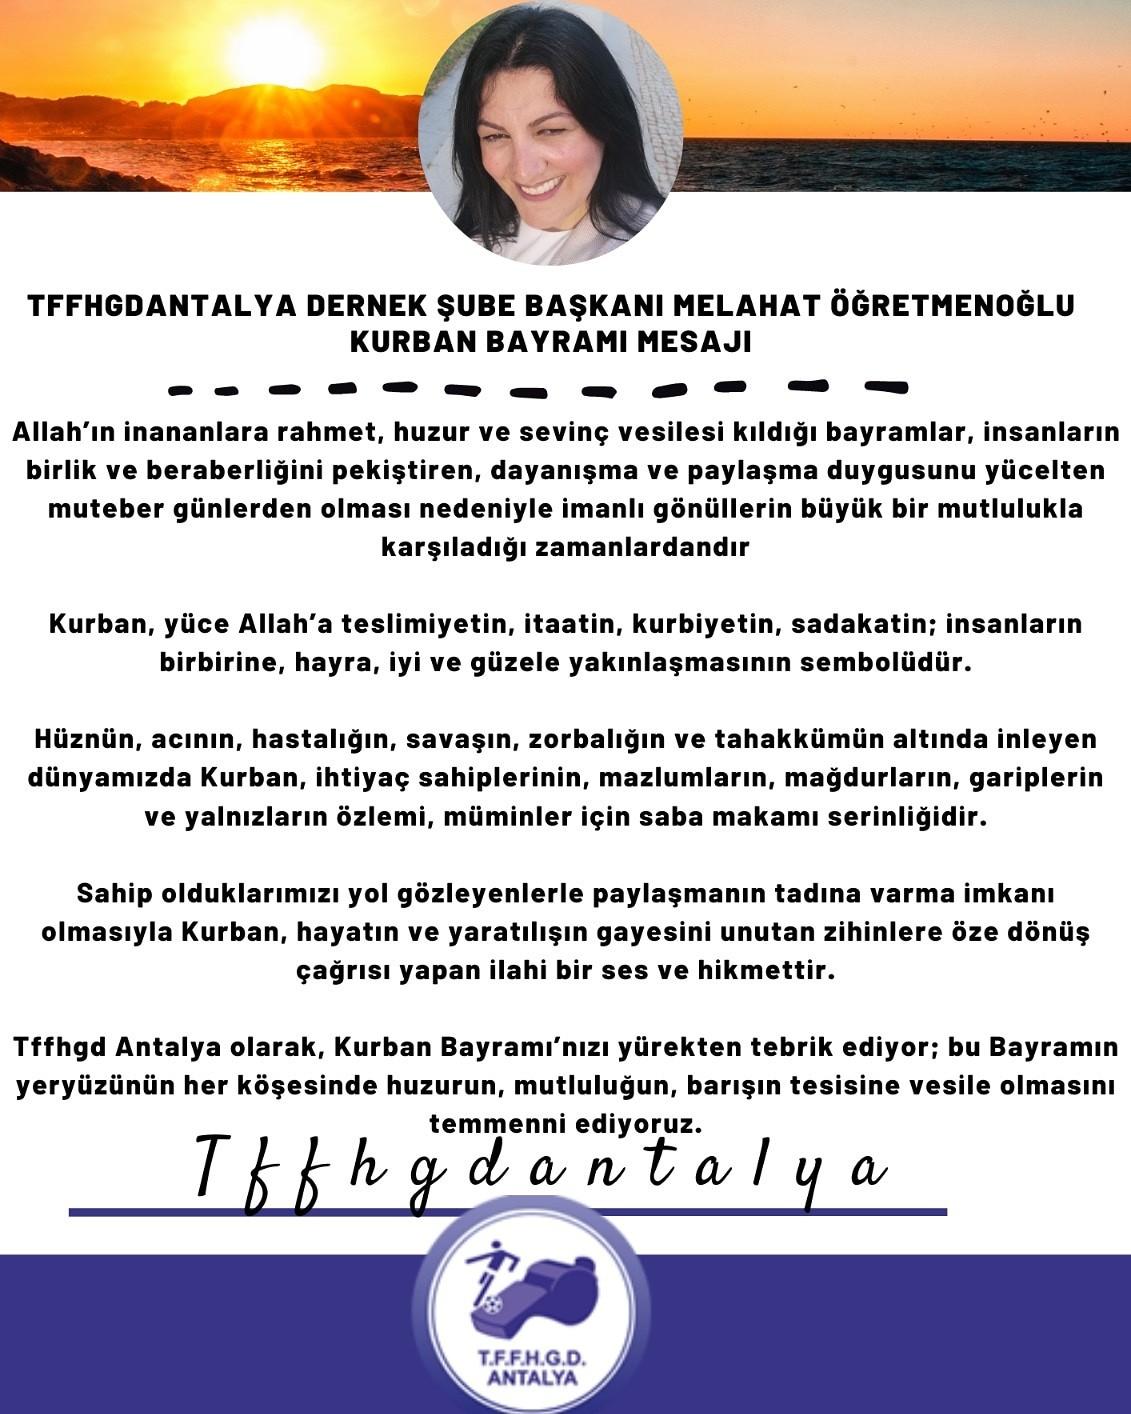 Dernek şube başkanımız Melahat Öğretmenoğlu'nun Camiamıza Kurban Bayramı mesajı